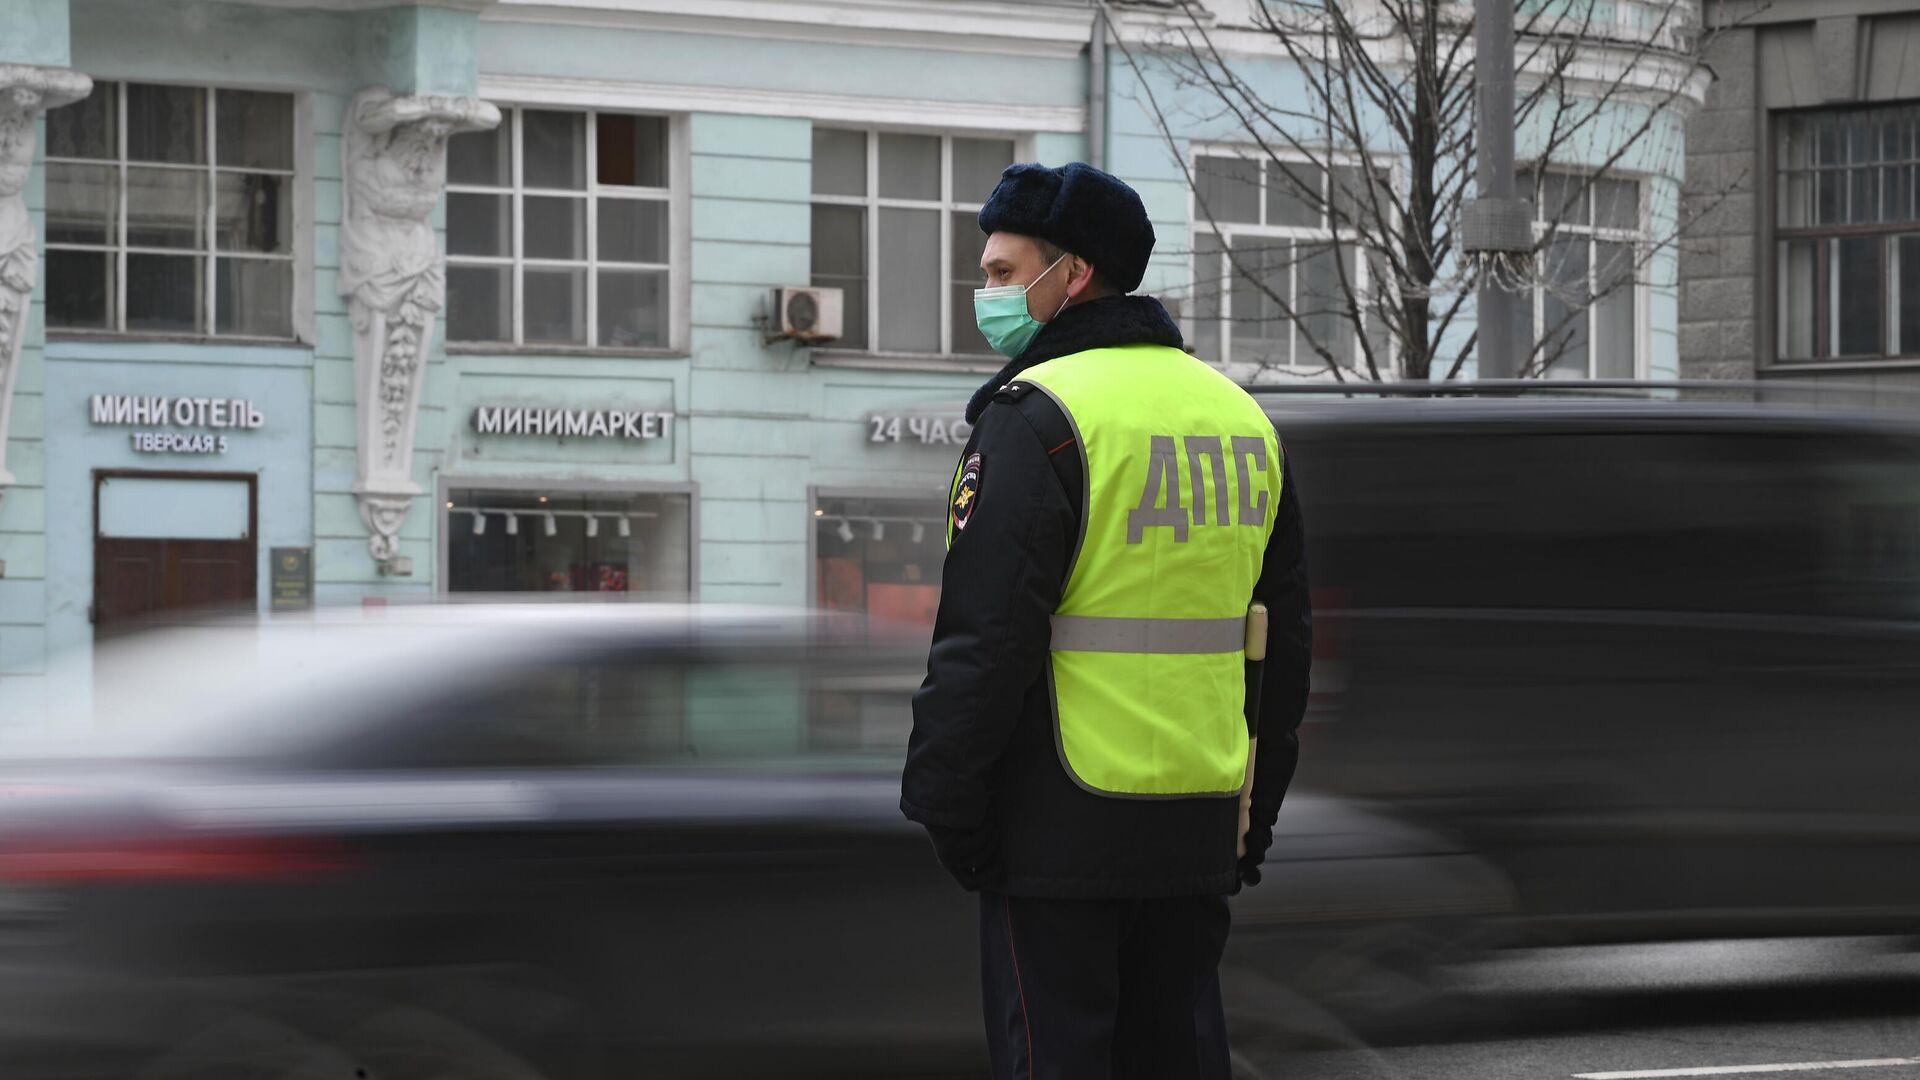 В Ярославле водитель сбил пятерых человек на пешеходном переходе